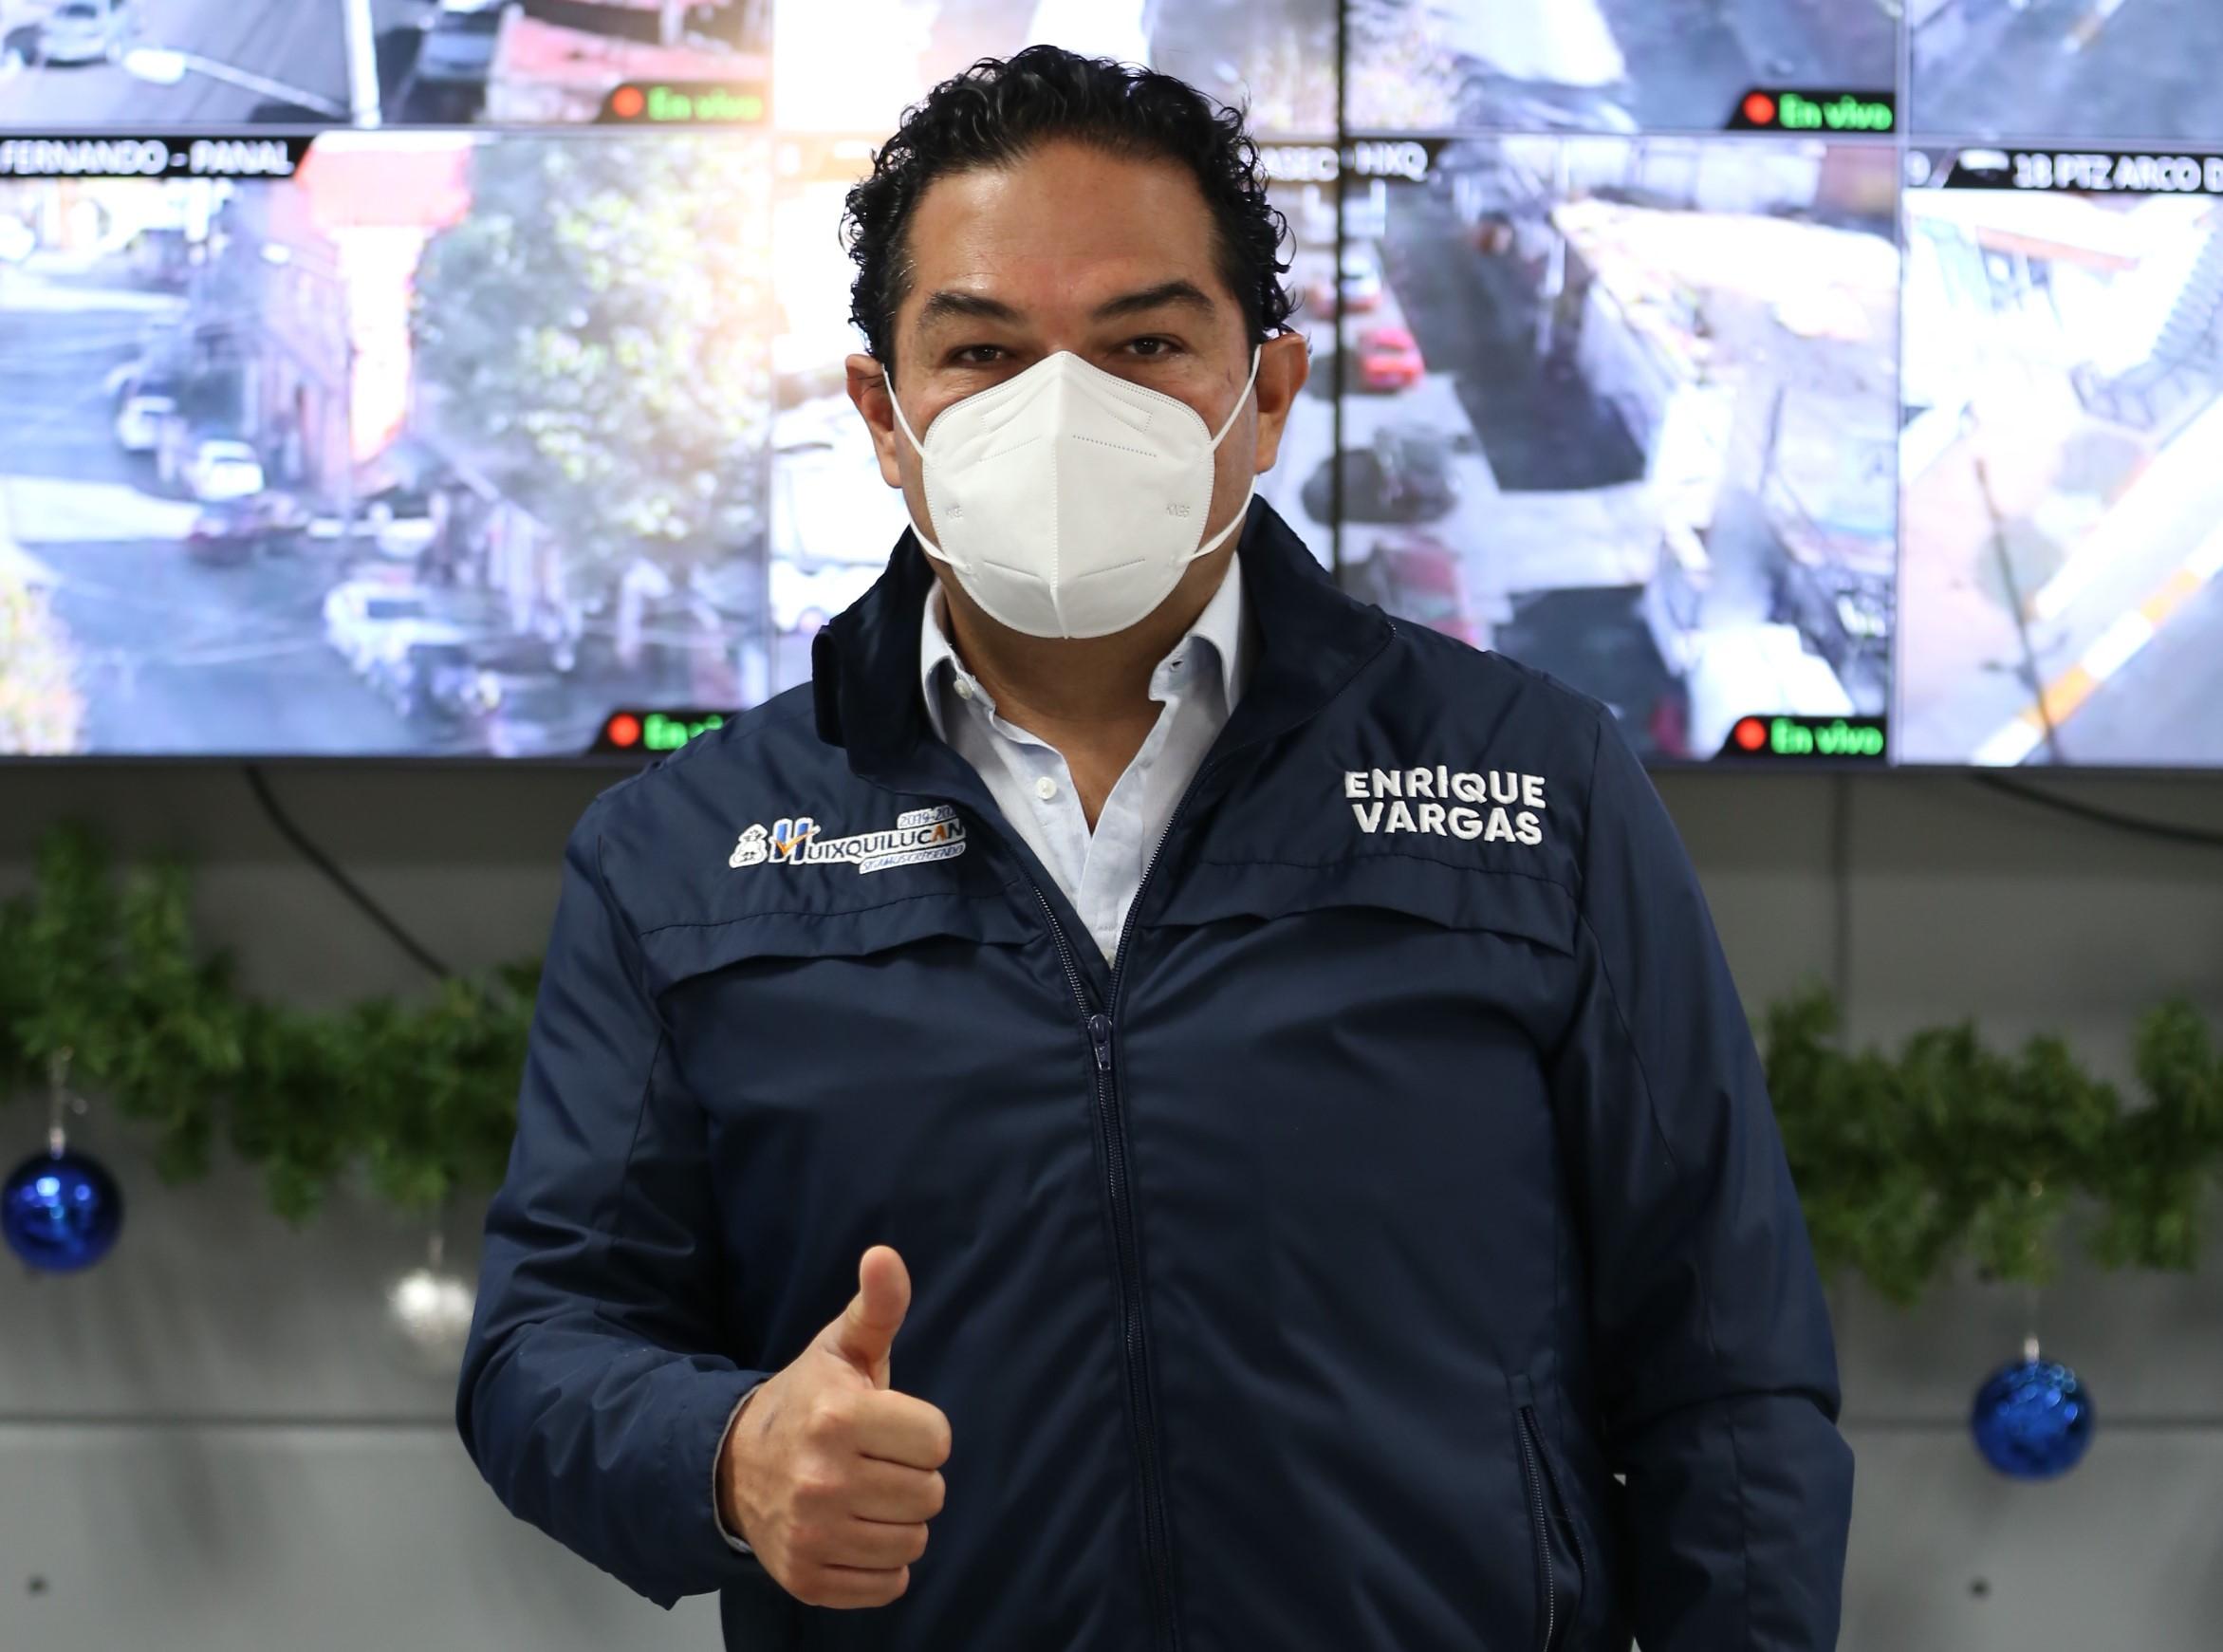 Enrique Vargas anuncia llegada de refrigerador para vacunas